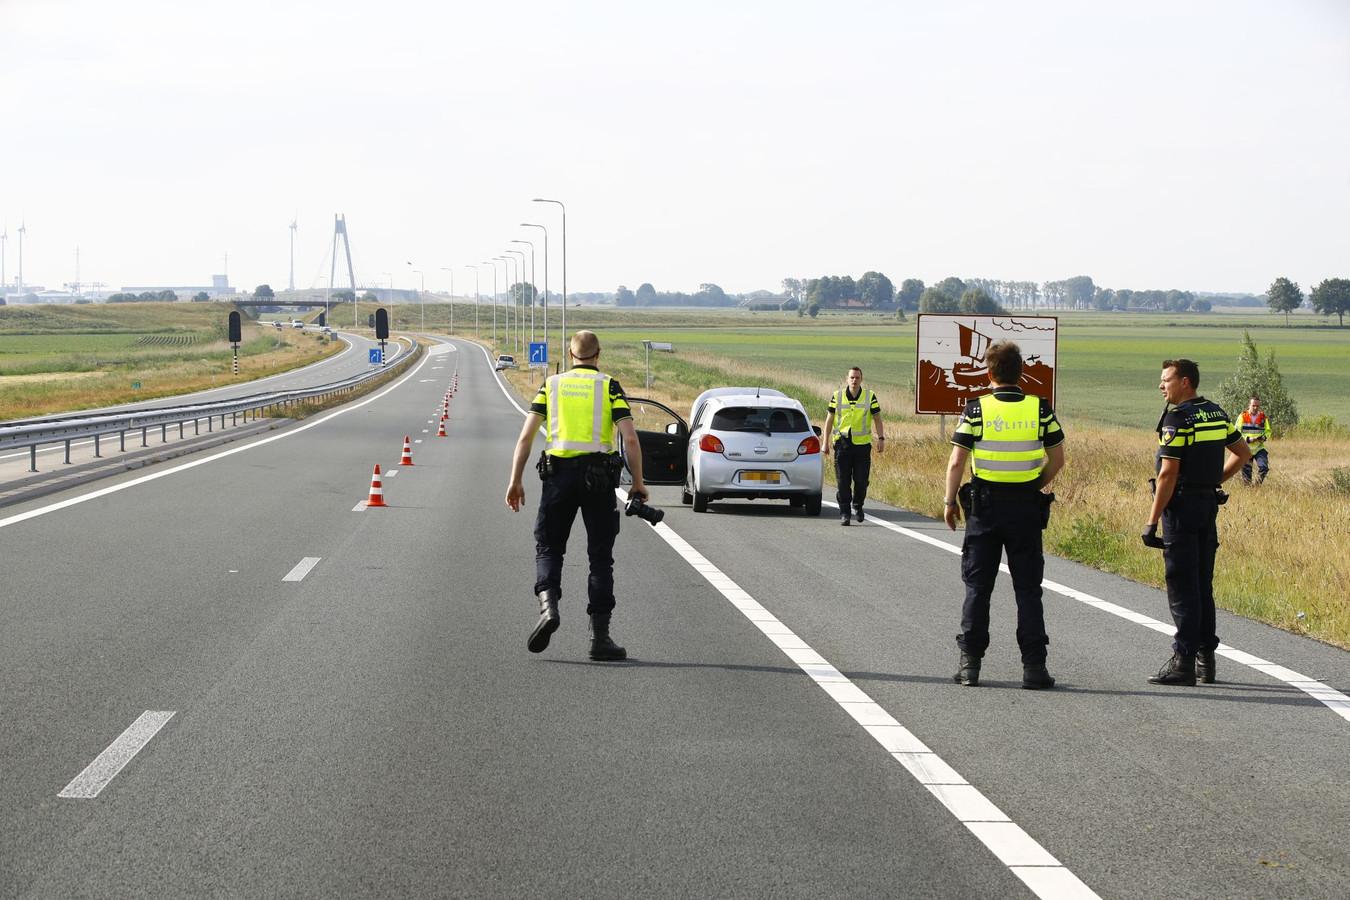 Politie-onderzoek op de N50 vlakbij de Ramspolbrug, vanochtend, na een dodelijk ongeval.